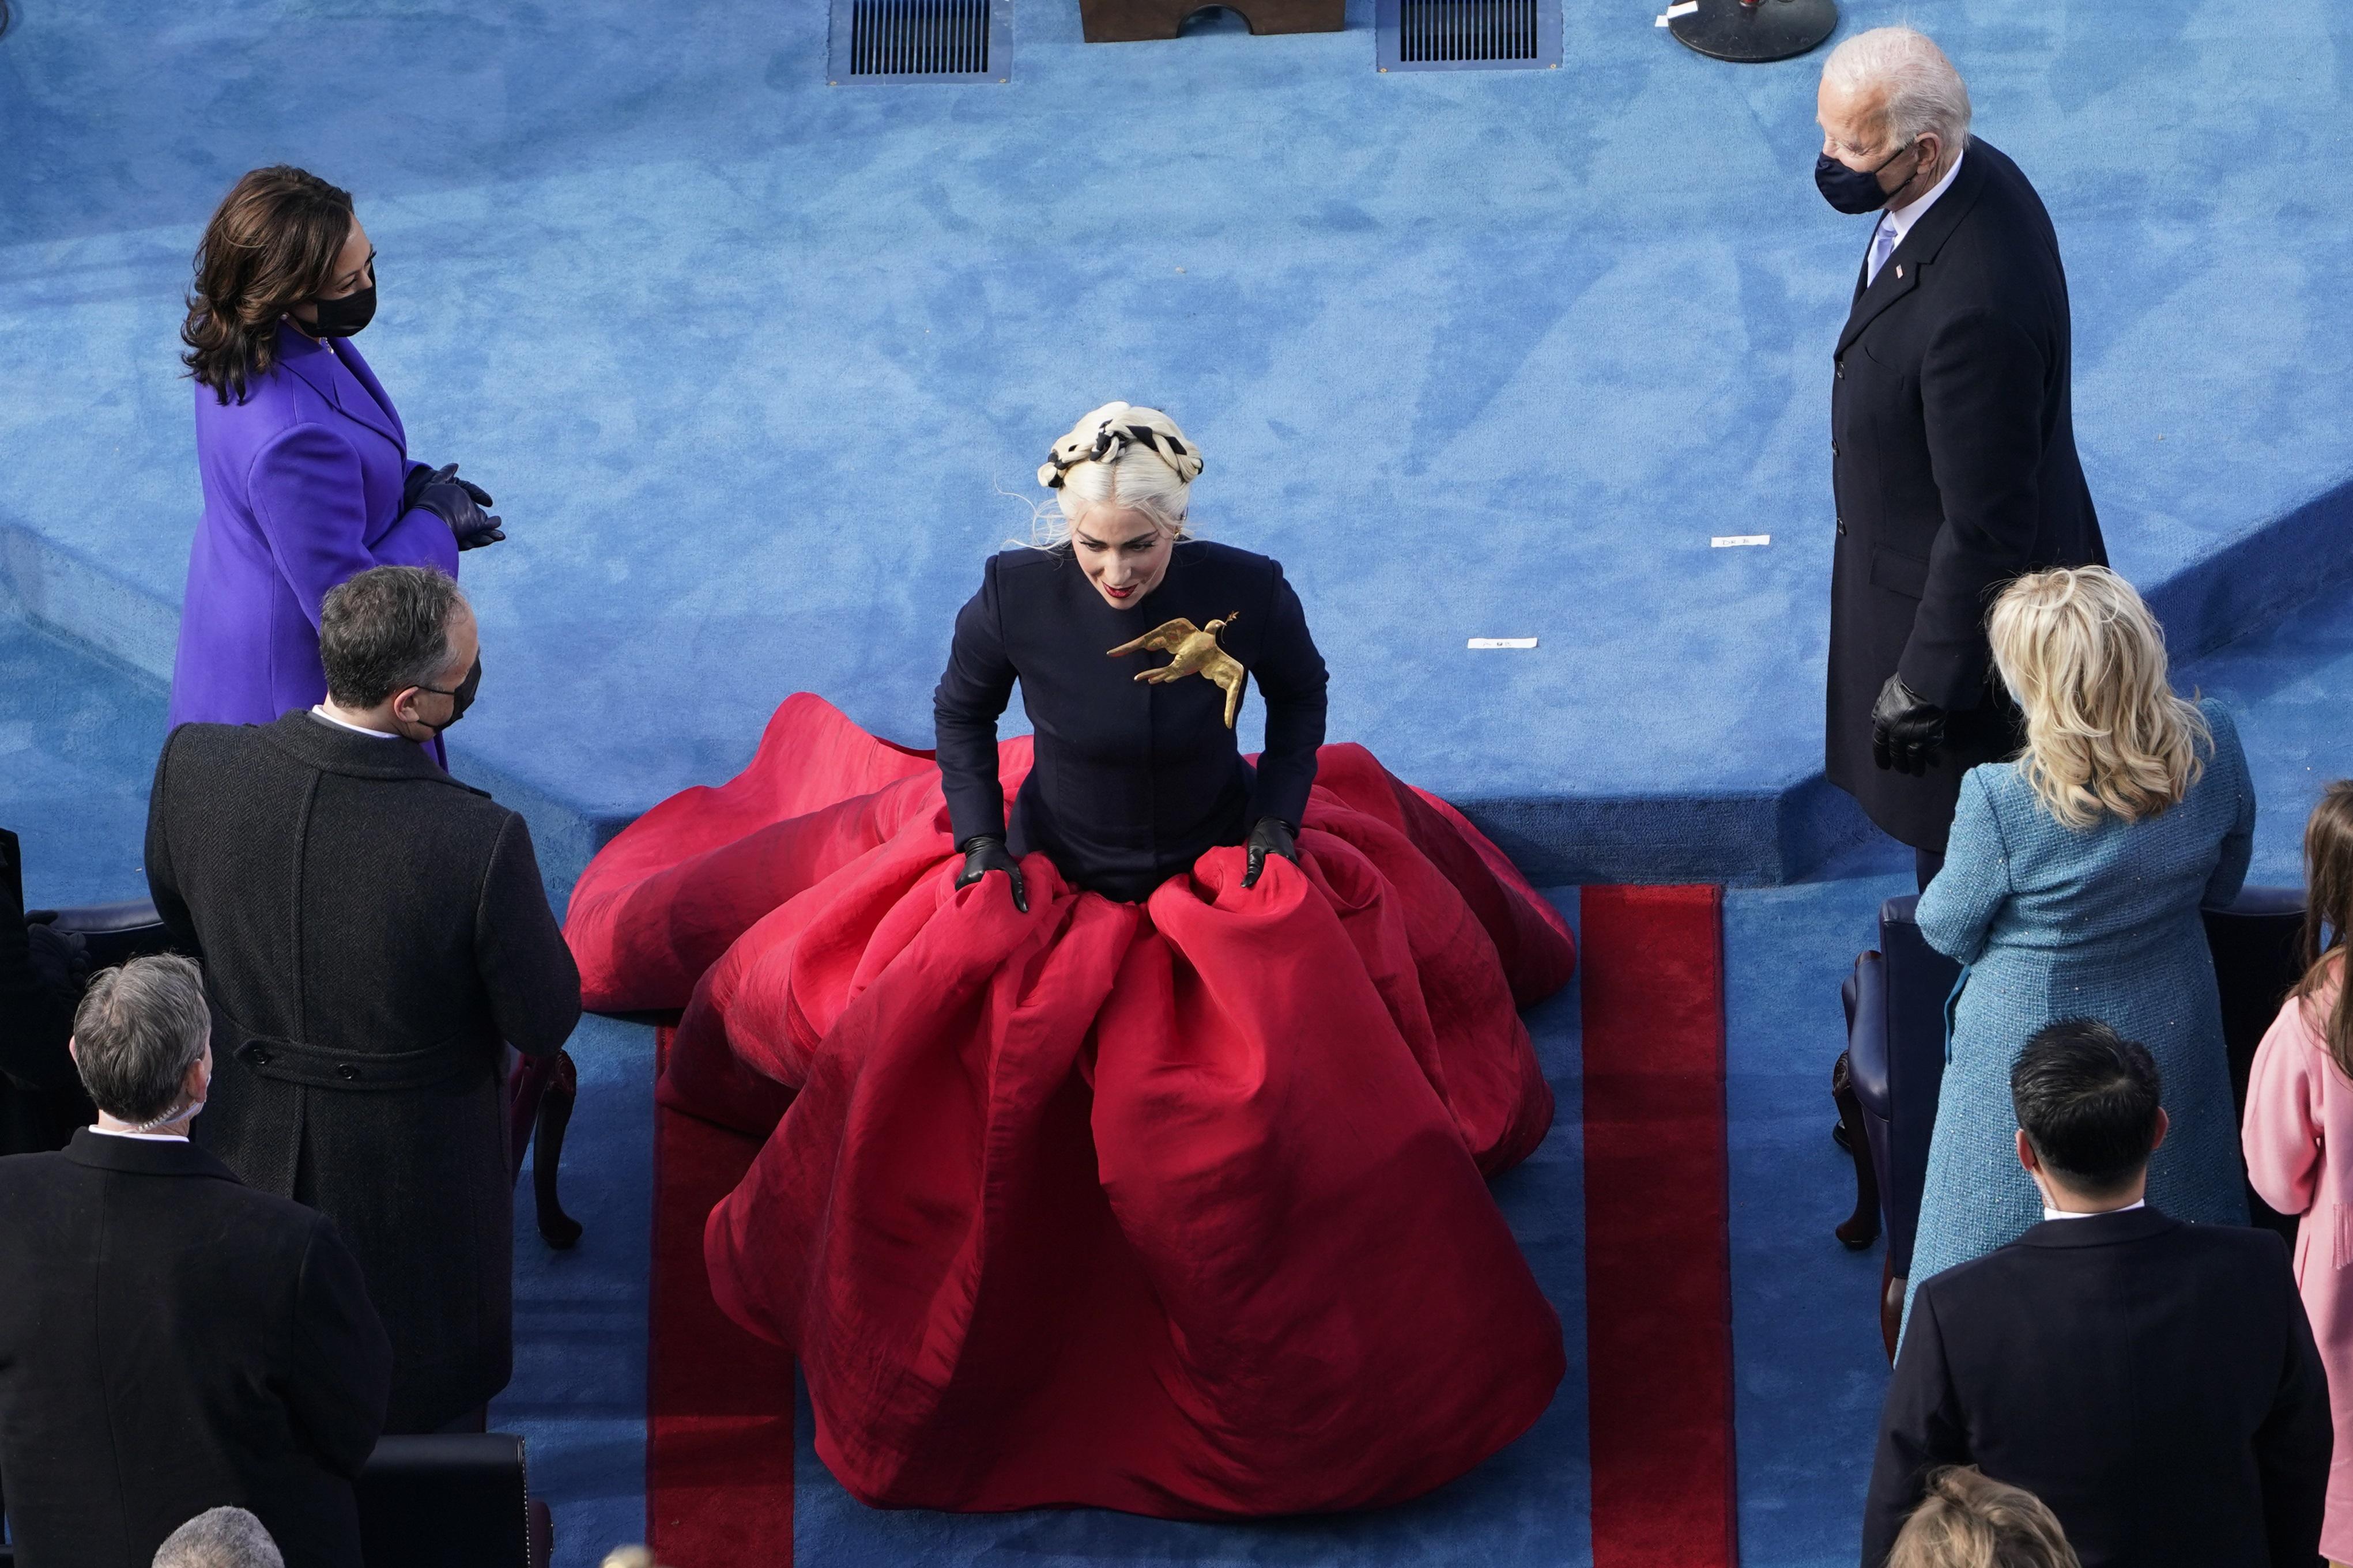 Lady Gaga cantó el himno nacional de Estados Unidos ataviada con un vestido compuesto por un top negro de cuello alto y mangas largas y una vaporosa falda roja de la casa Schiaparelli Couture. El toque más llamativo fue un broche dorado en forma de paloma que llevó sobre el lado izquierdo del pecho. (AP)